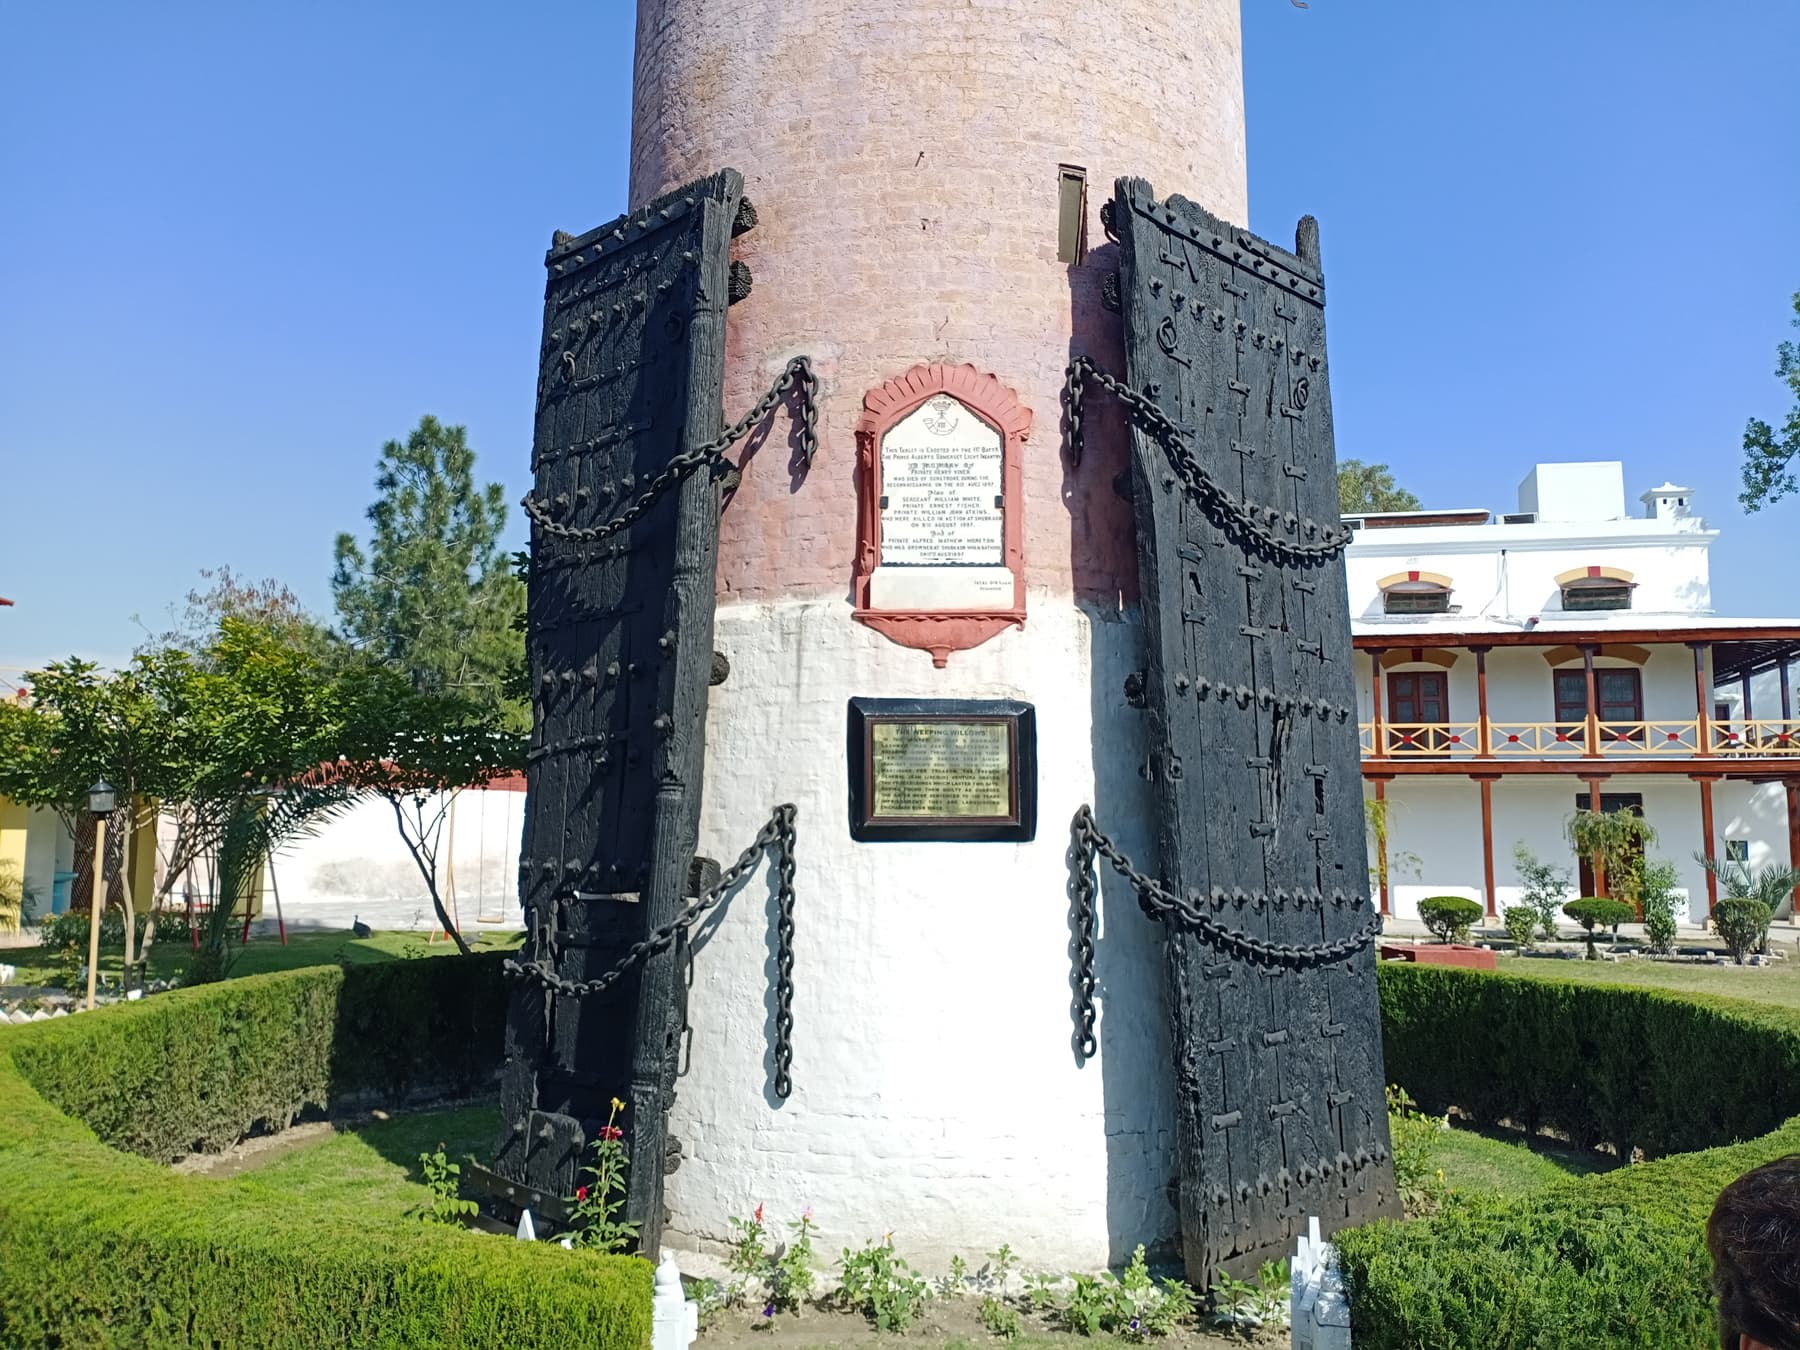 قلعہ شبقدر کے 2 ایسے دروازے جو 180 سال سے پابند سلاسل ہیں—عظمت اکبر